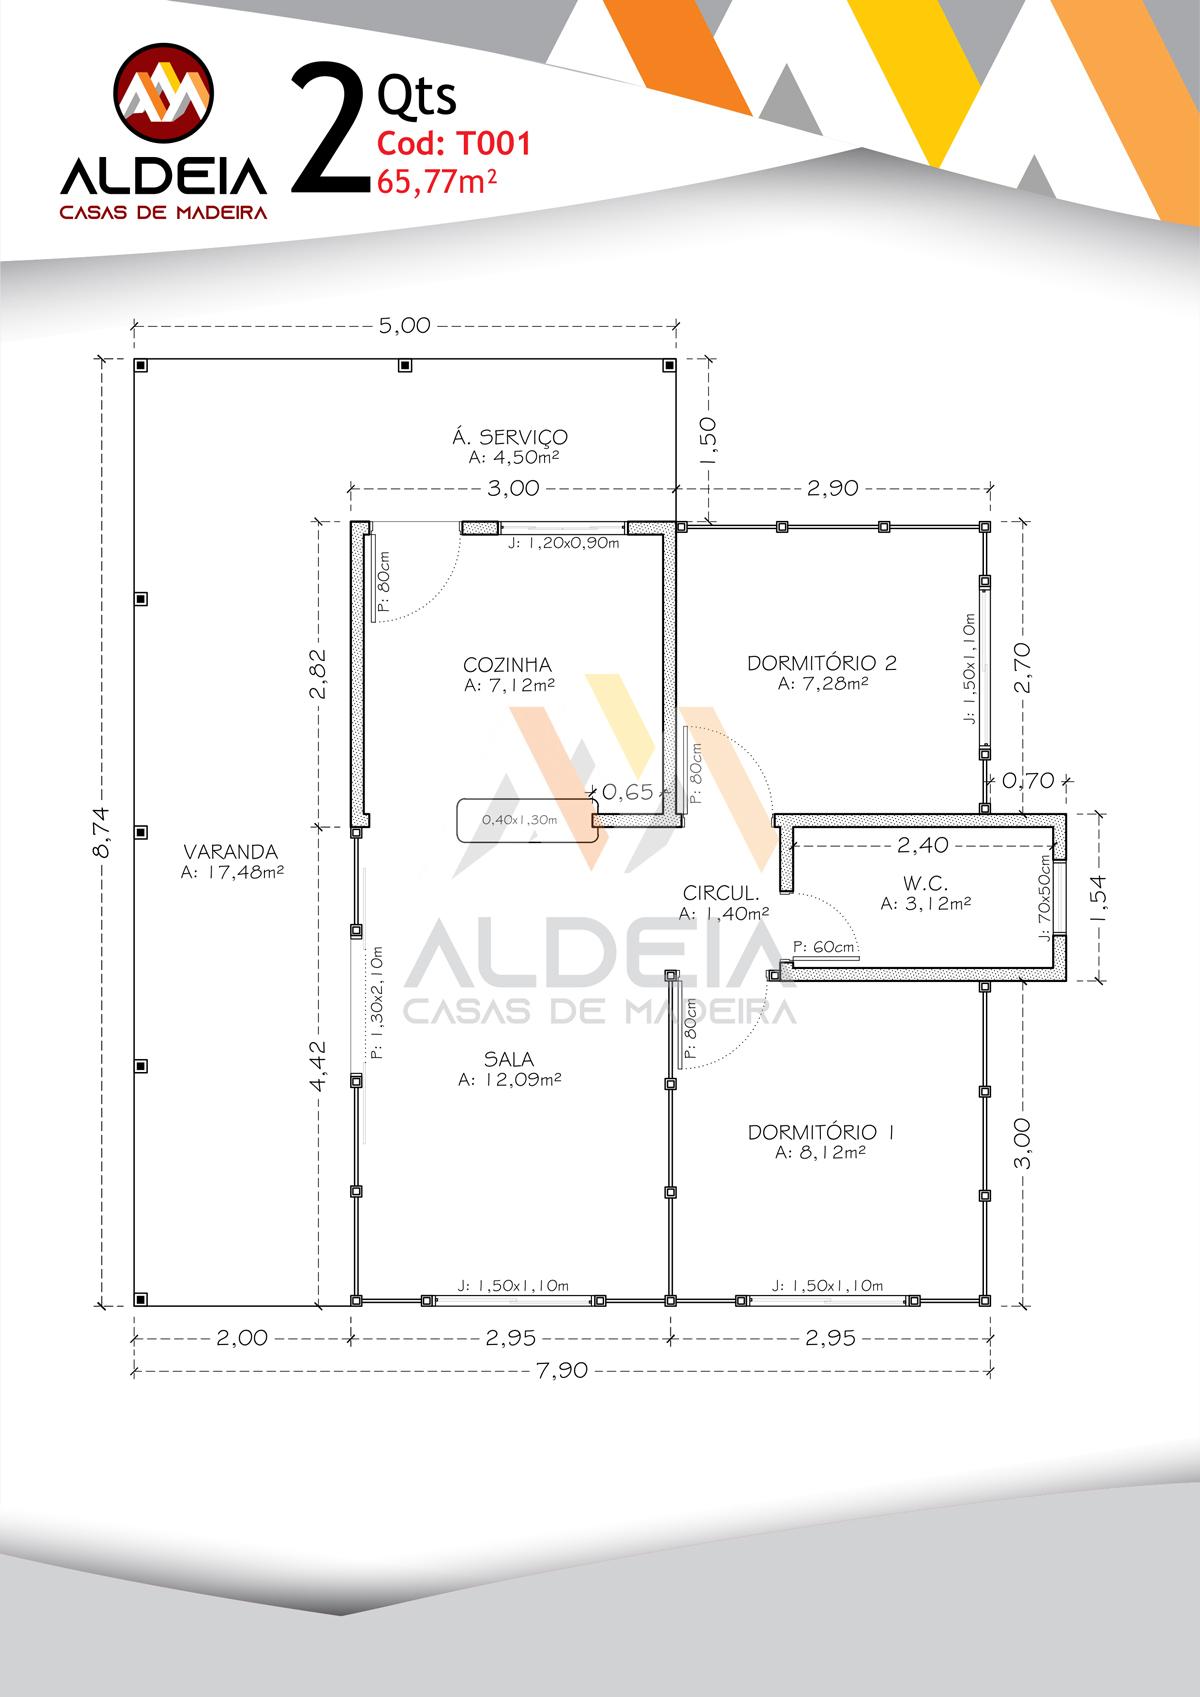 aldeia-casas-madeira-arquitetura-T001